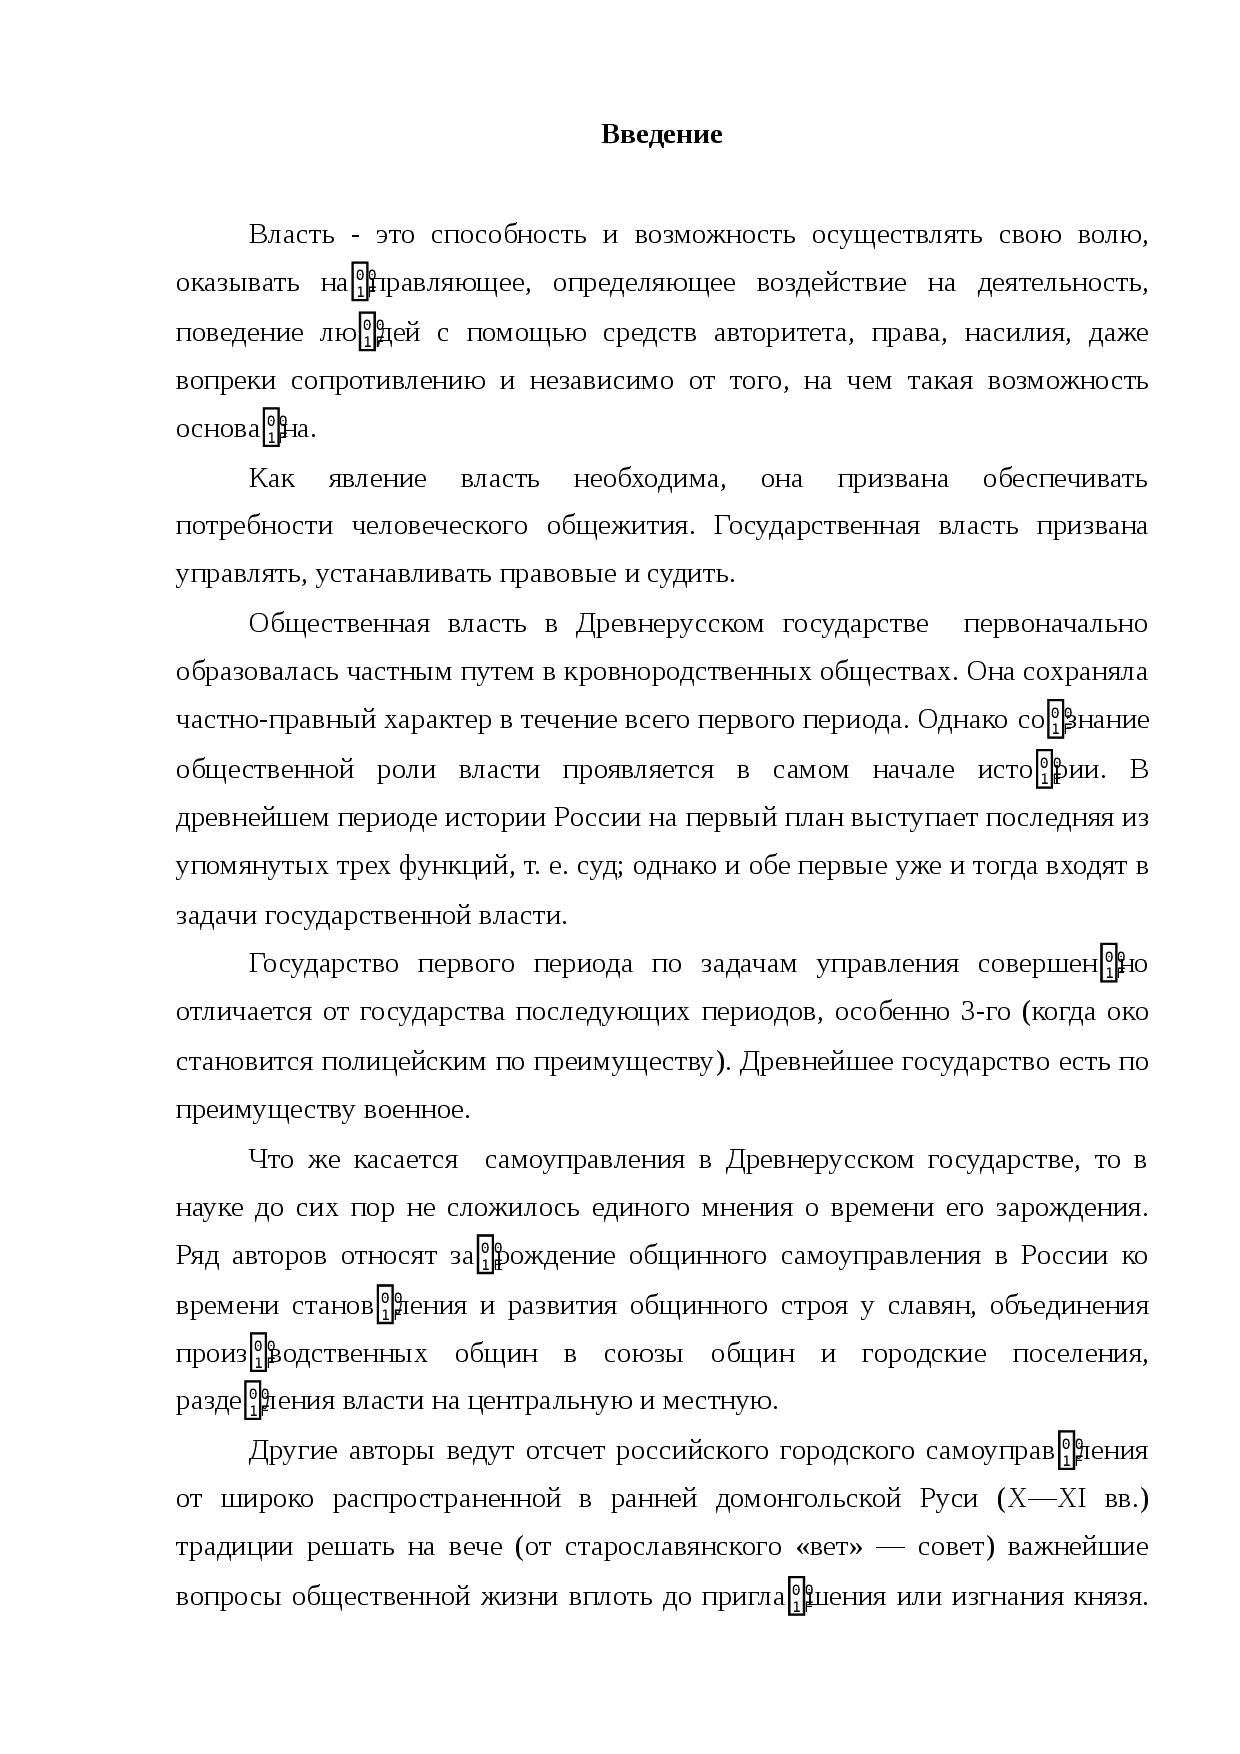 Тягло, владимир николаевич